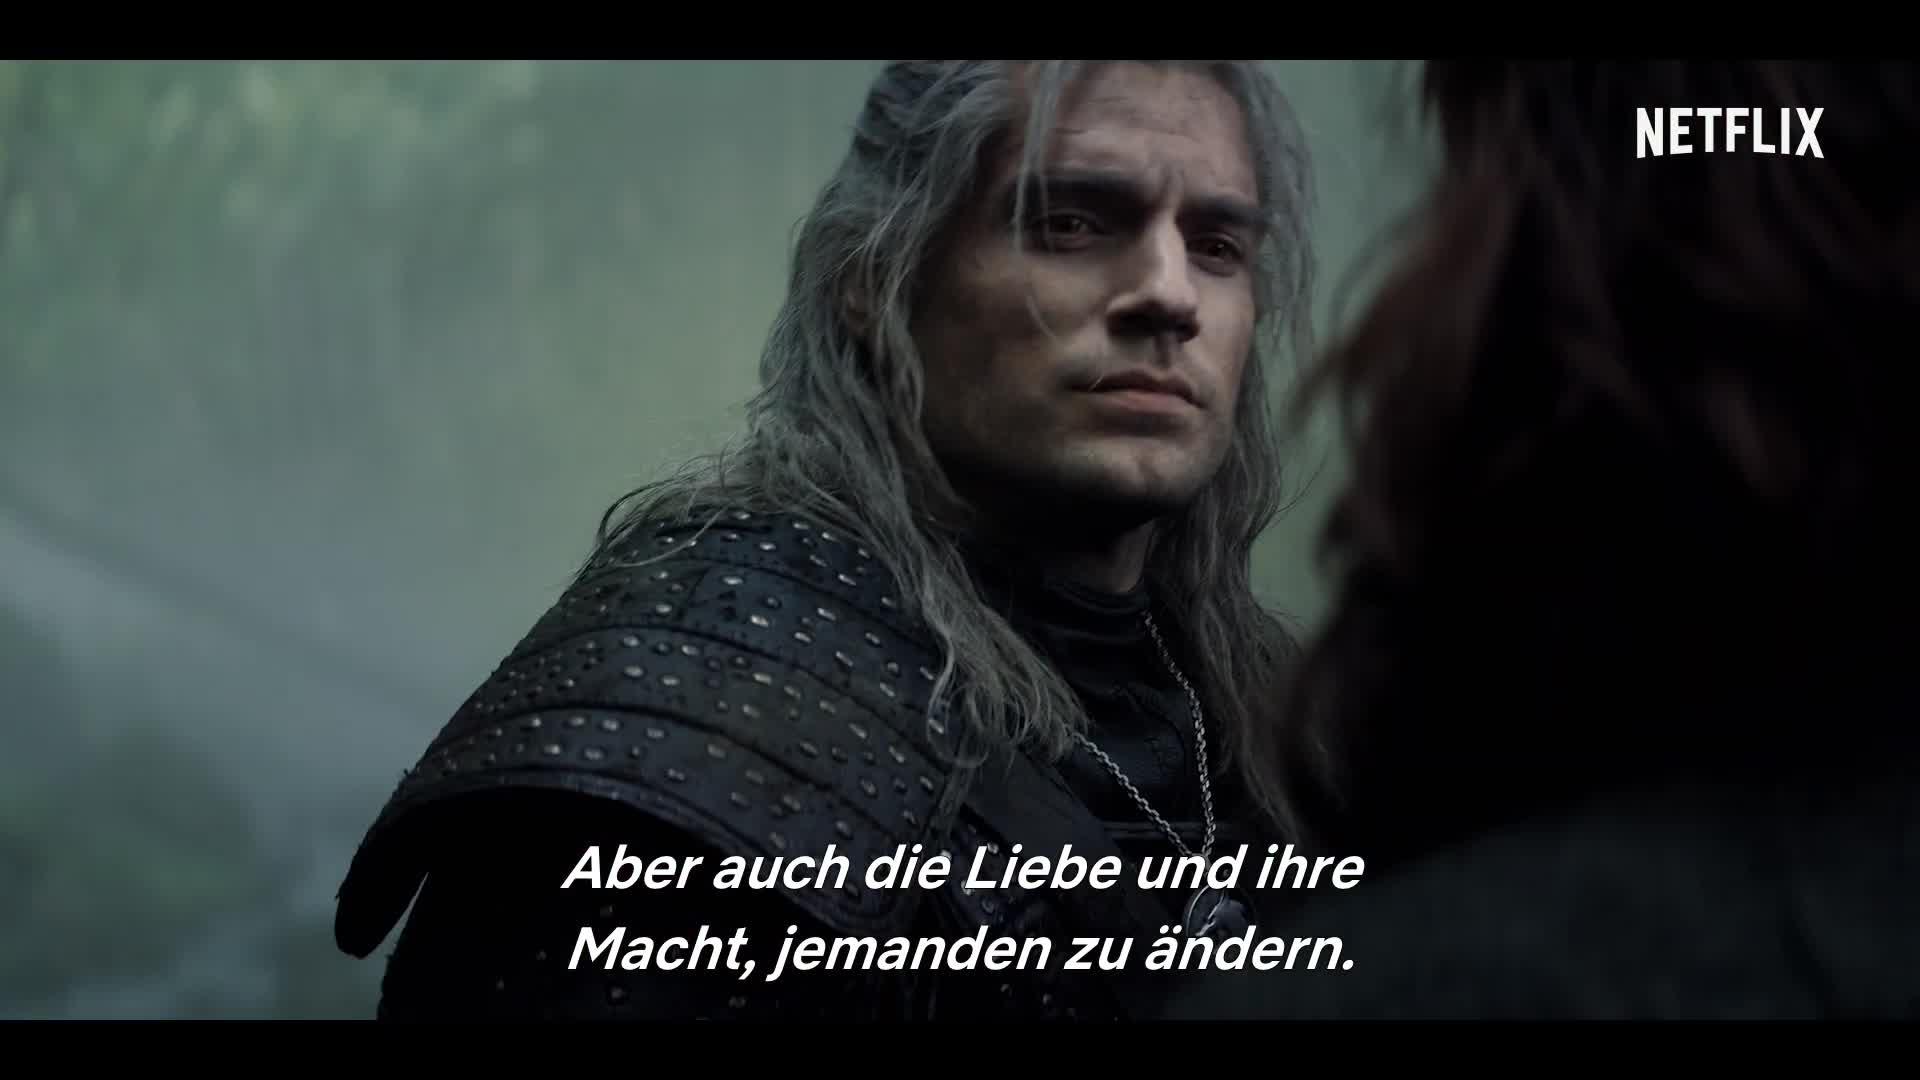 Netflix, Serie, The Witcher, Fantasy, Geralt von Riva, Geralt